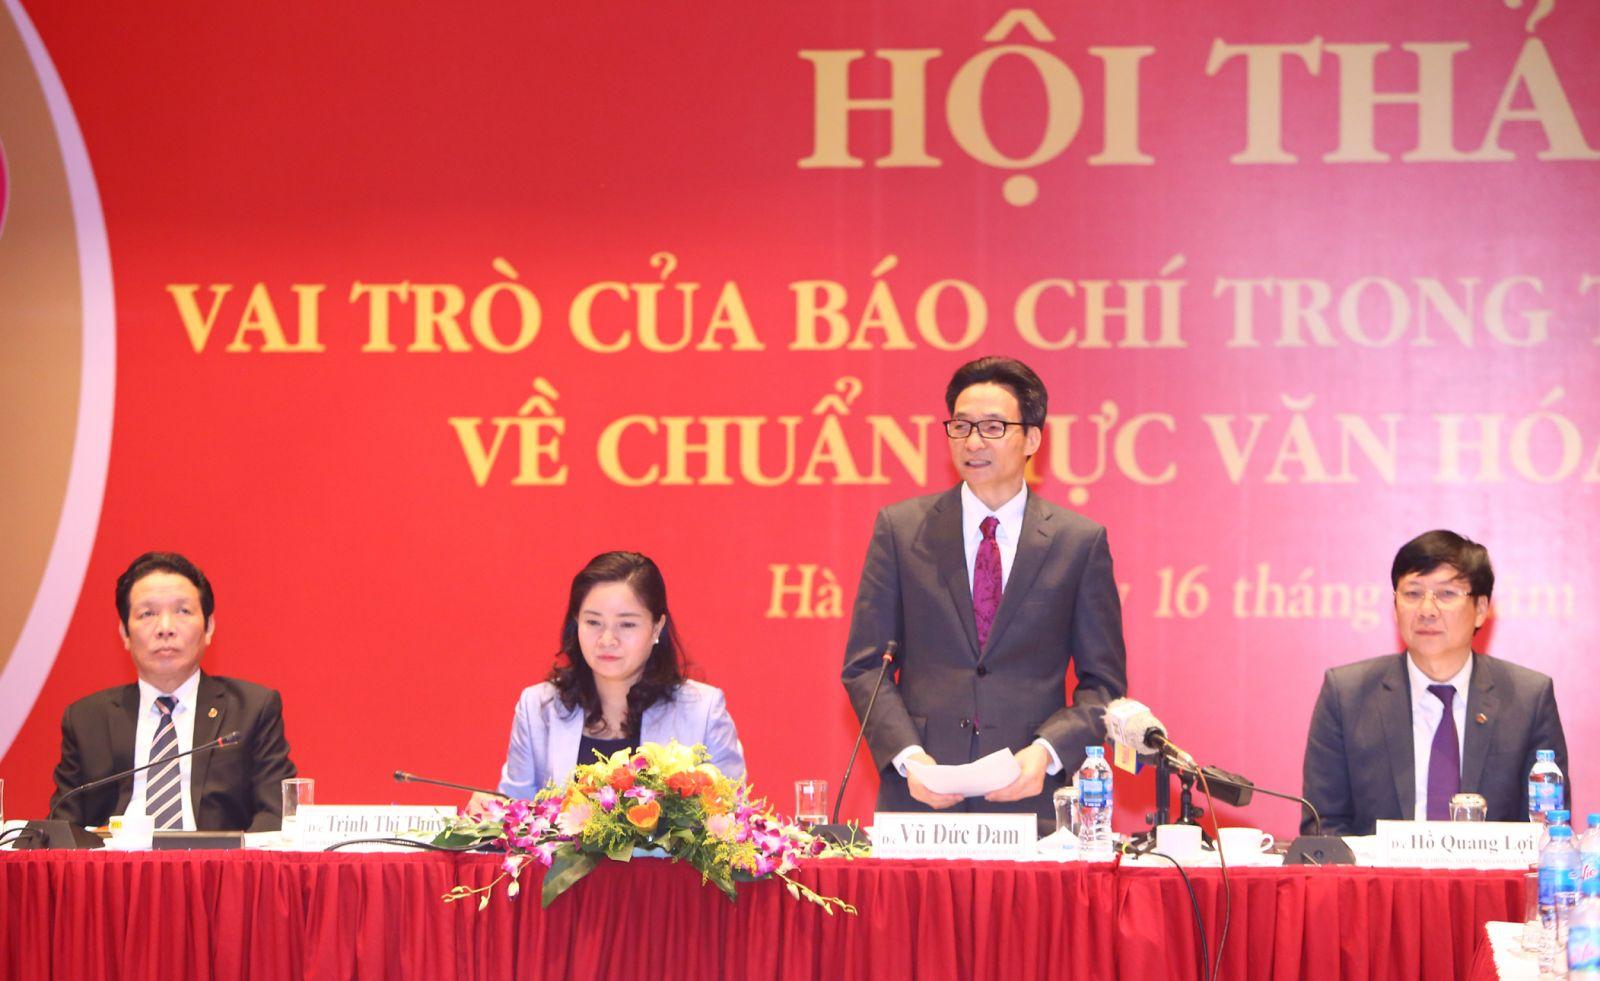 Phó Thủ tướng Vũ Đức Đam phát biểu tại Hội thảo. - Ảnh: VGP/Đình Nam